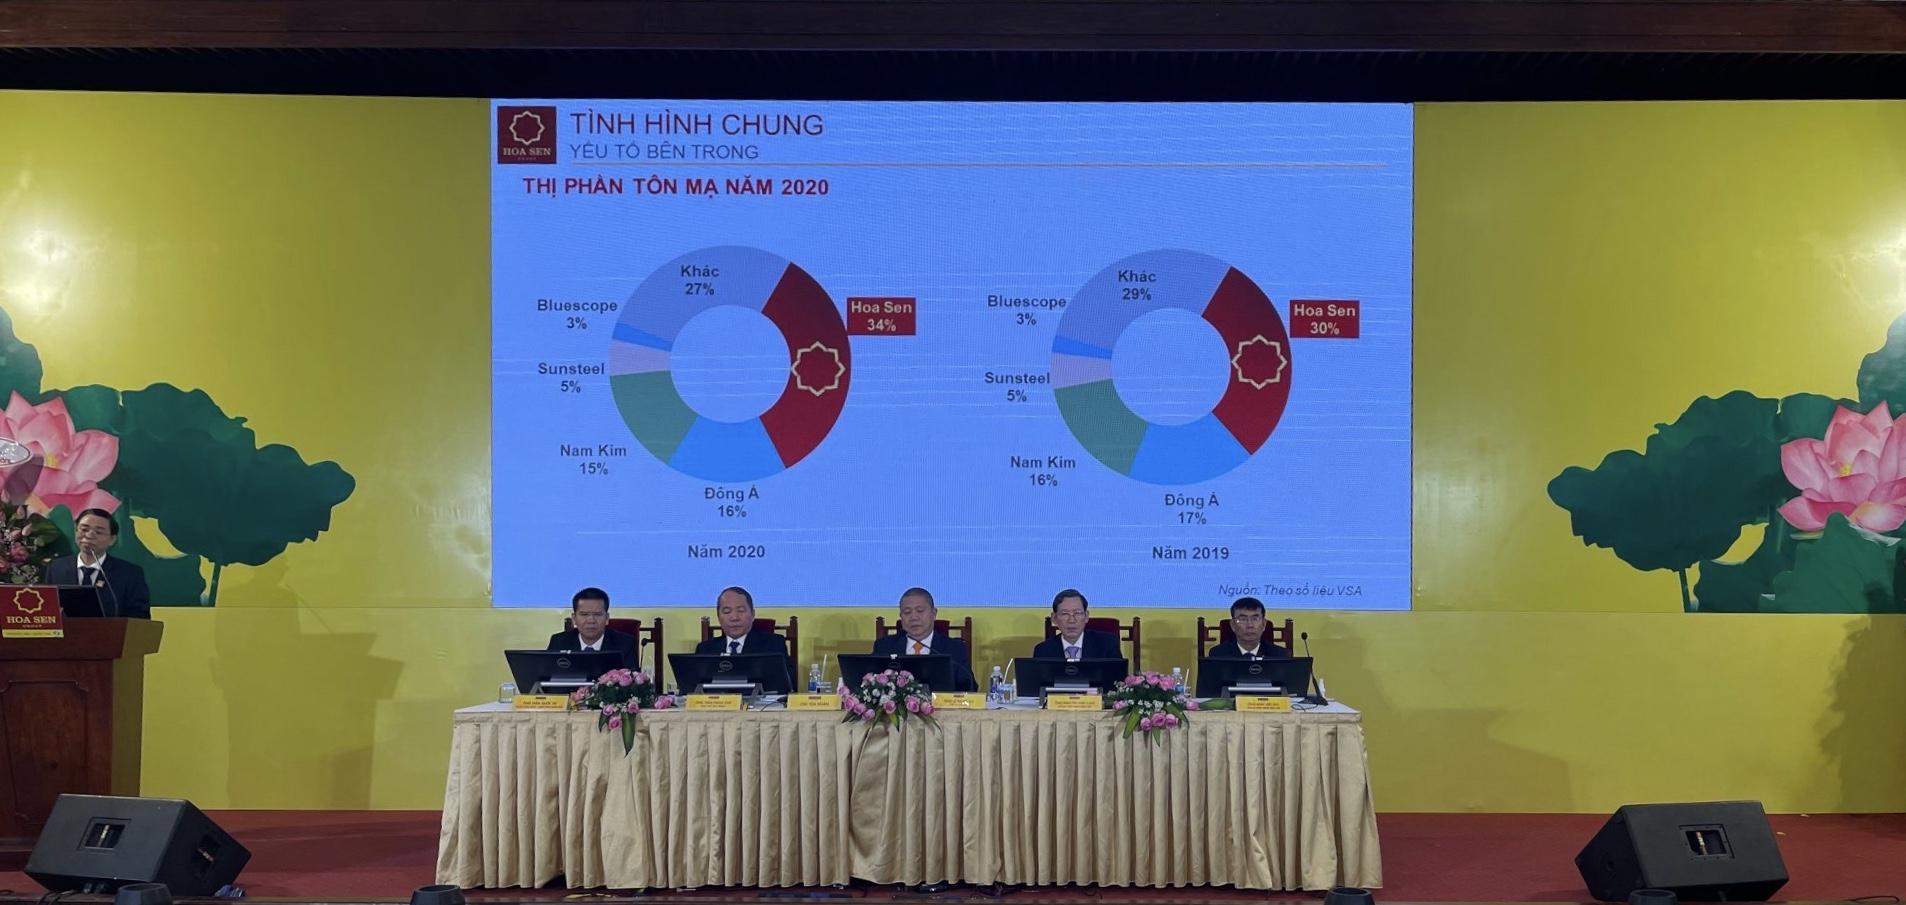 Hoa Sen sẽ mở 1.200 siêu thị Hoa Sen Home trong vòng 5 năm tới - Ảnh 1.